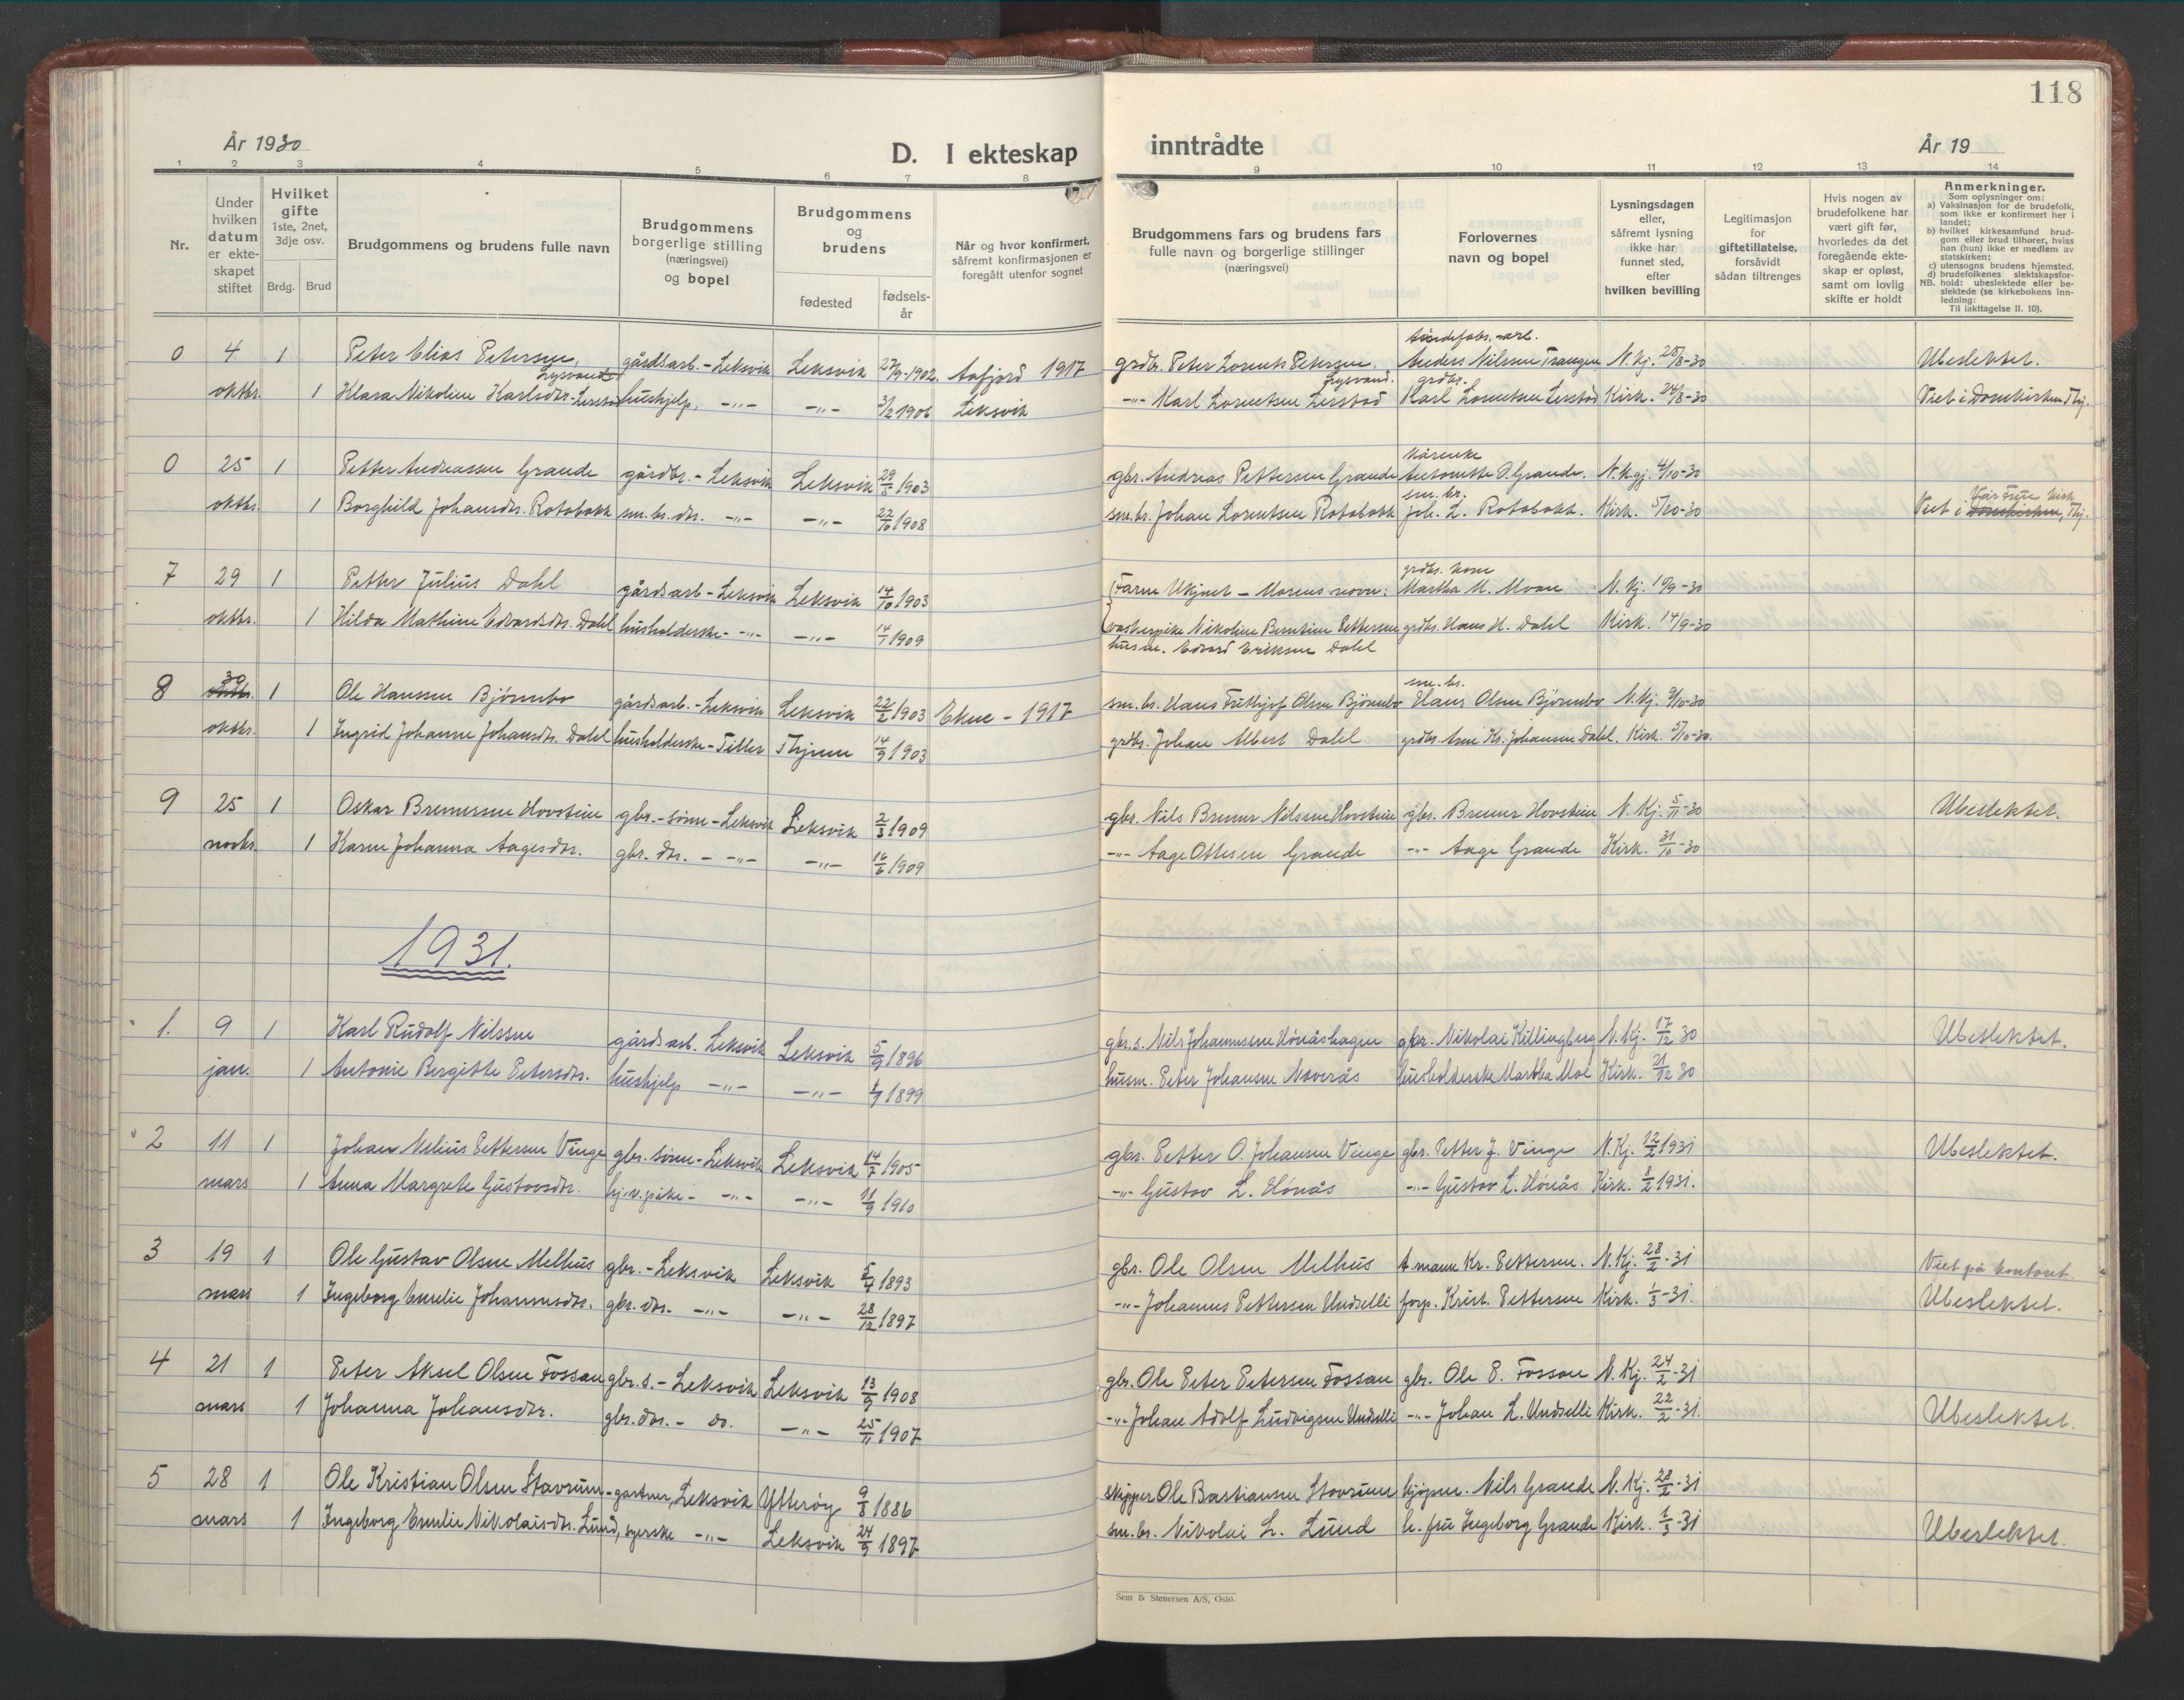 SAT, Ministerialprotokoller, klokkerbøker og fødselsregistre - Nord-Trøndelag, 701/L0019: Klokkerbok nr. 701C03, 1930-1953, s. 118